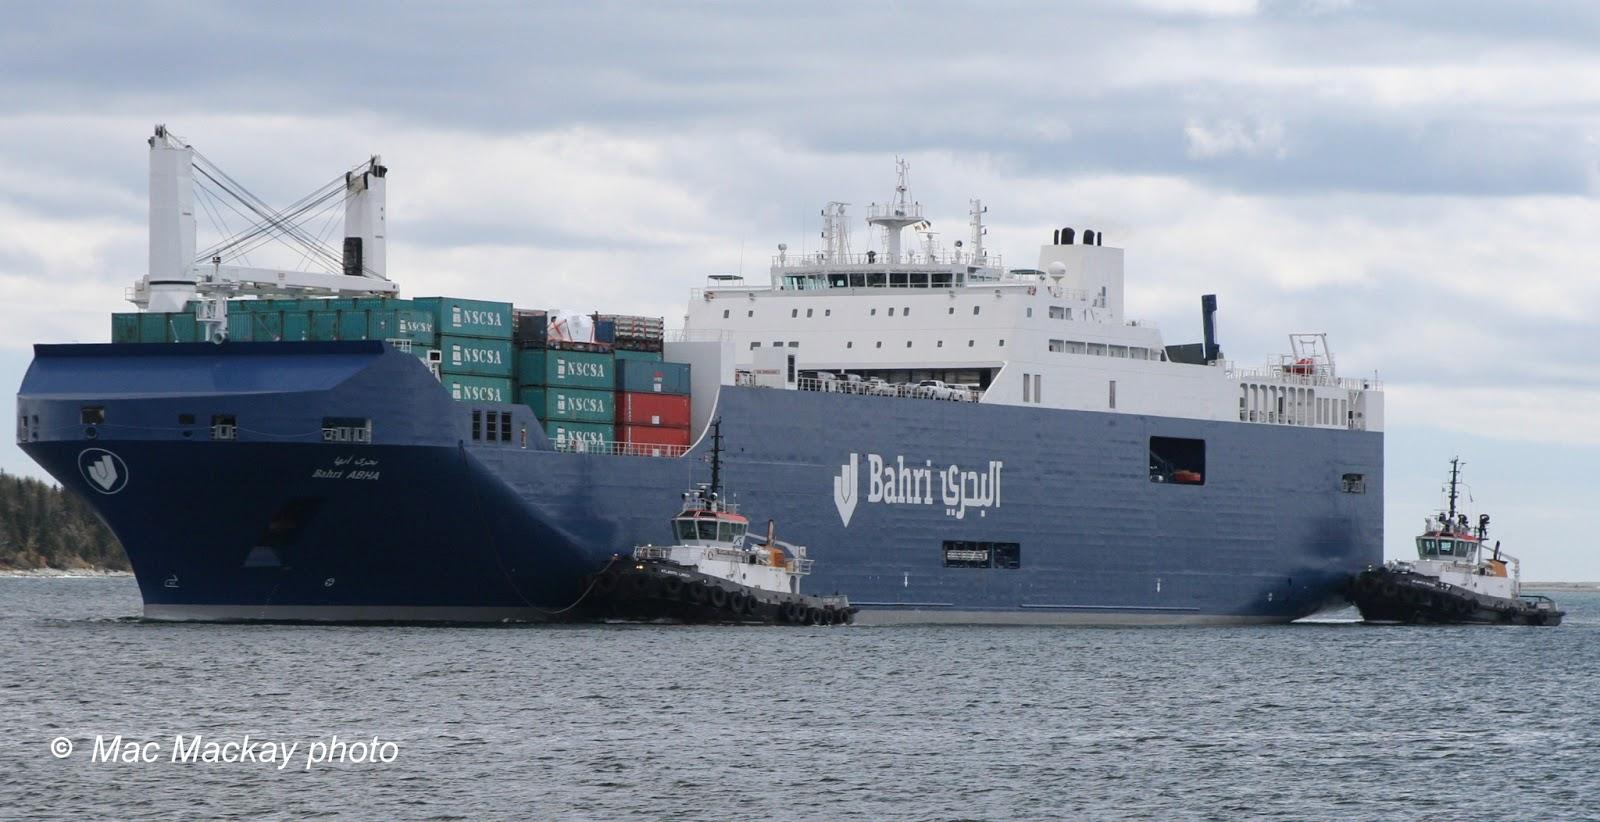 Shipfax: May 2013